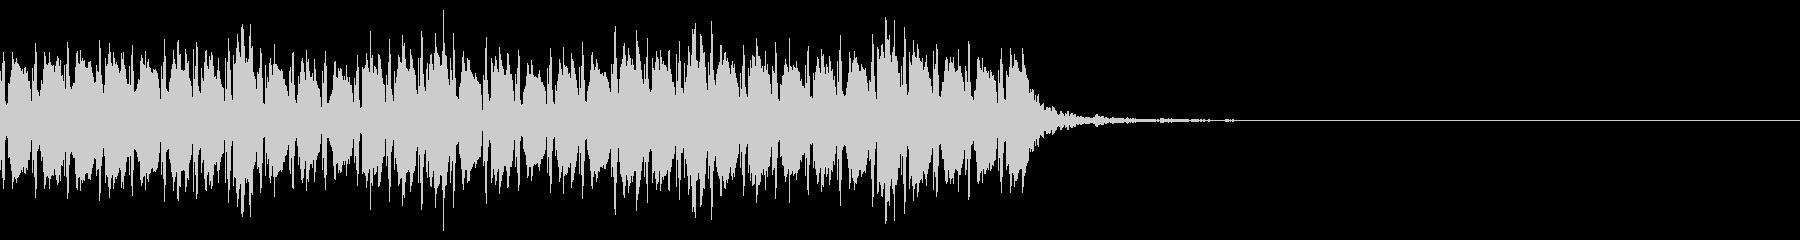 Techno風のJingleの未再生の波形